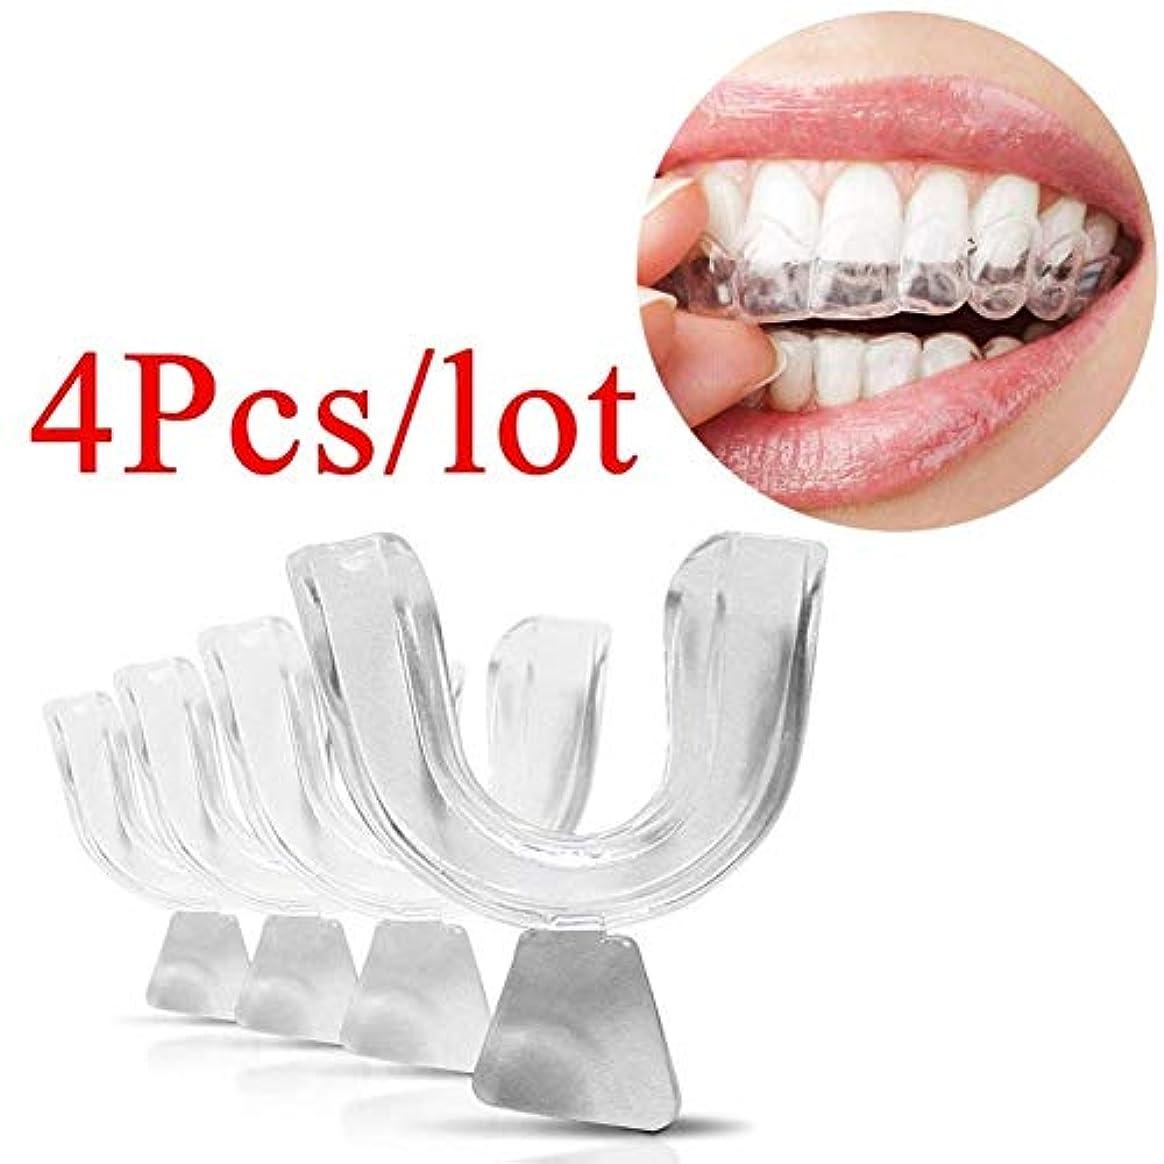 うんざり代わりにを立てるリフレッシュ透明な食品等級を白くする安全な口の皿のMoldable歯科用歯の口の歯,4Pcs